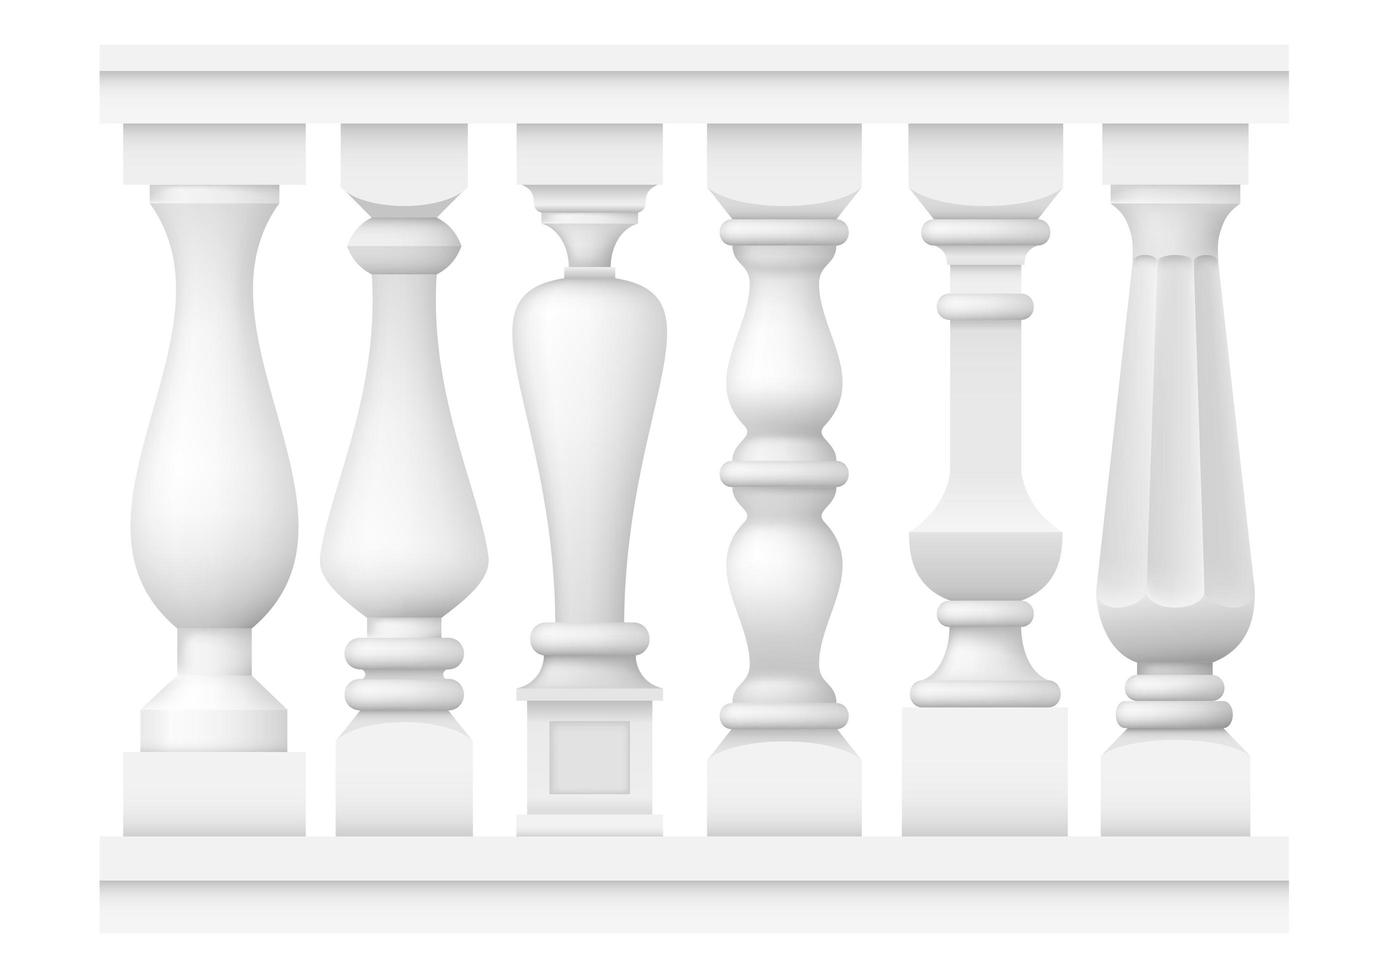 een set van verschillende klassieke balusters vector